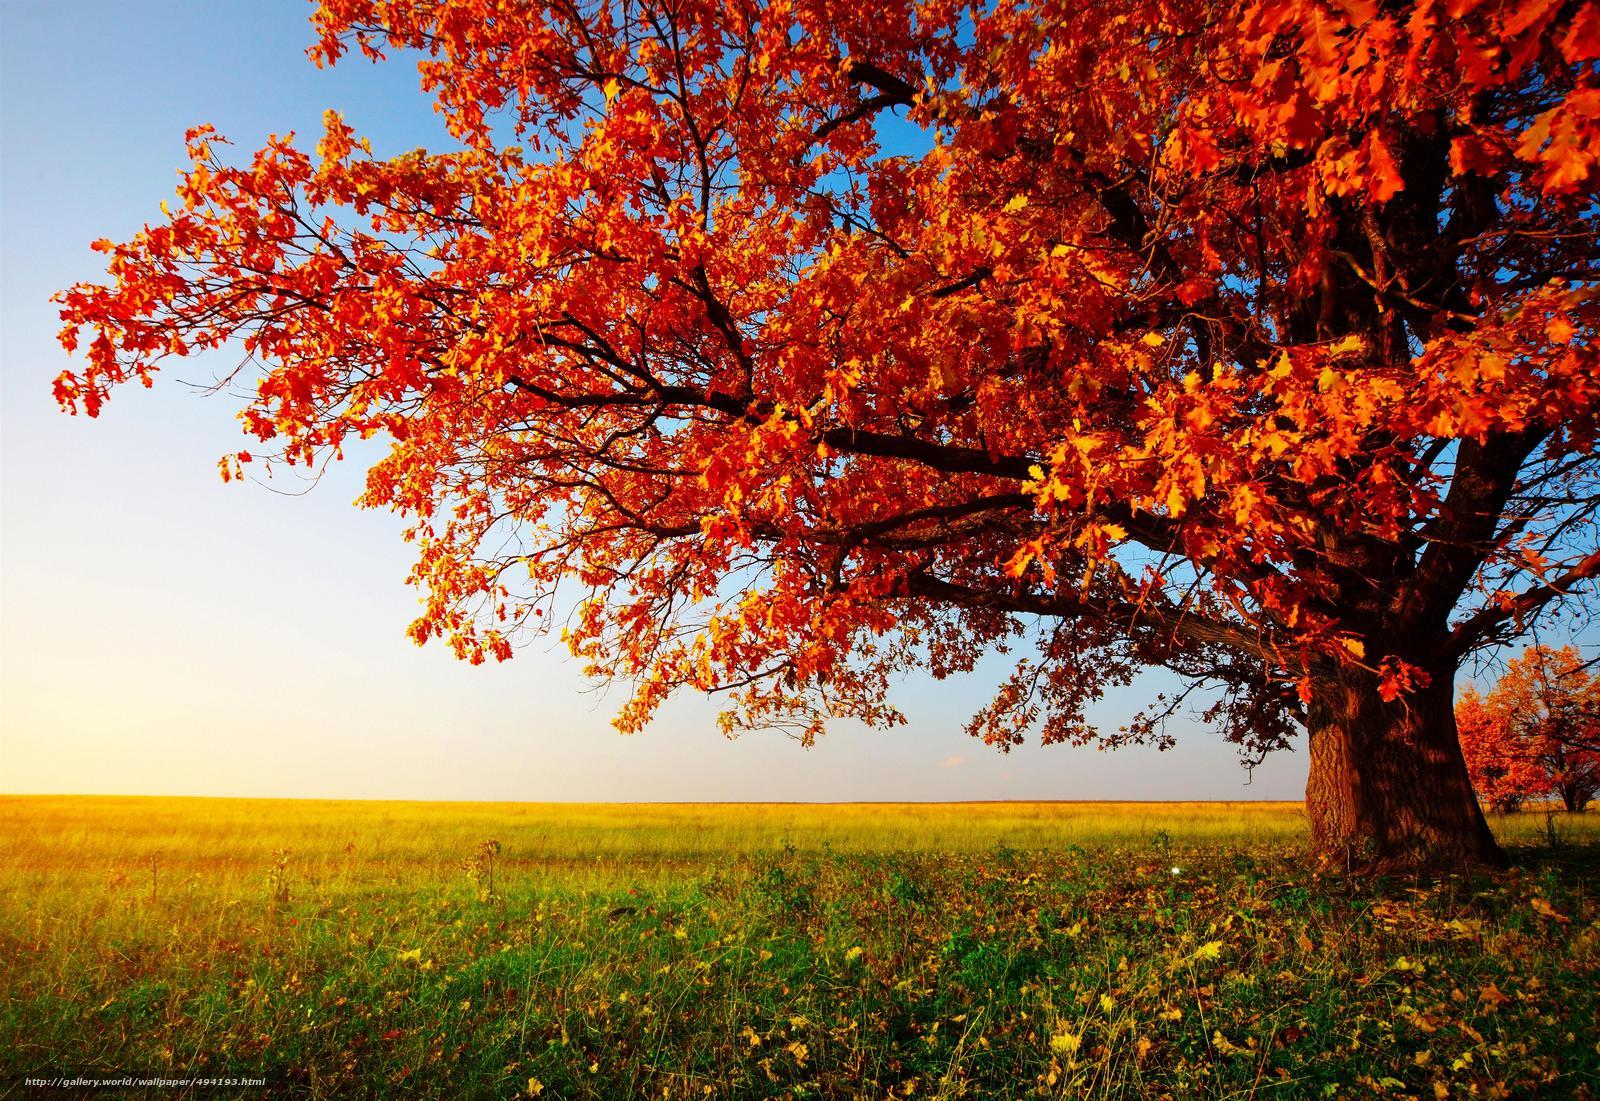 Scaricare gli sfondi autunno albero paesaggio sfondi for Foto per desktop gratis autunno